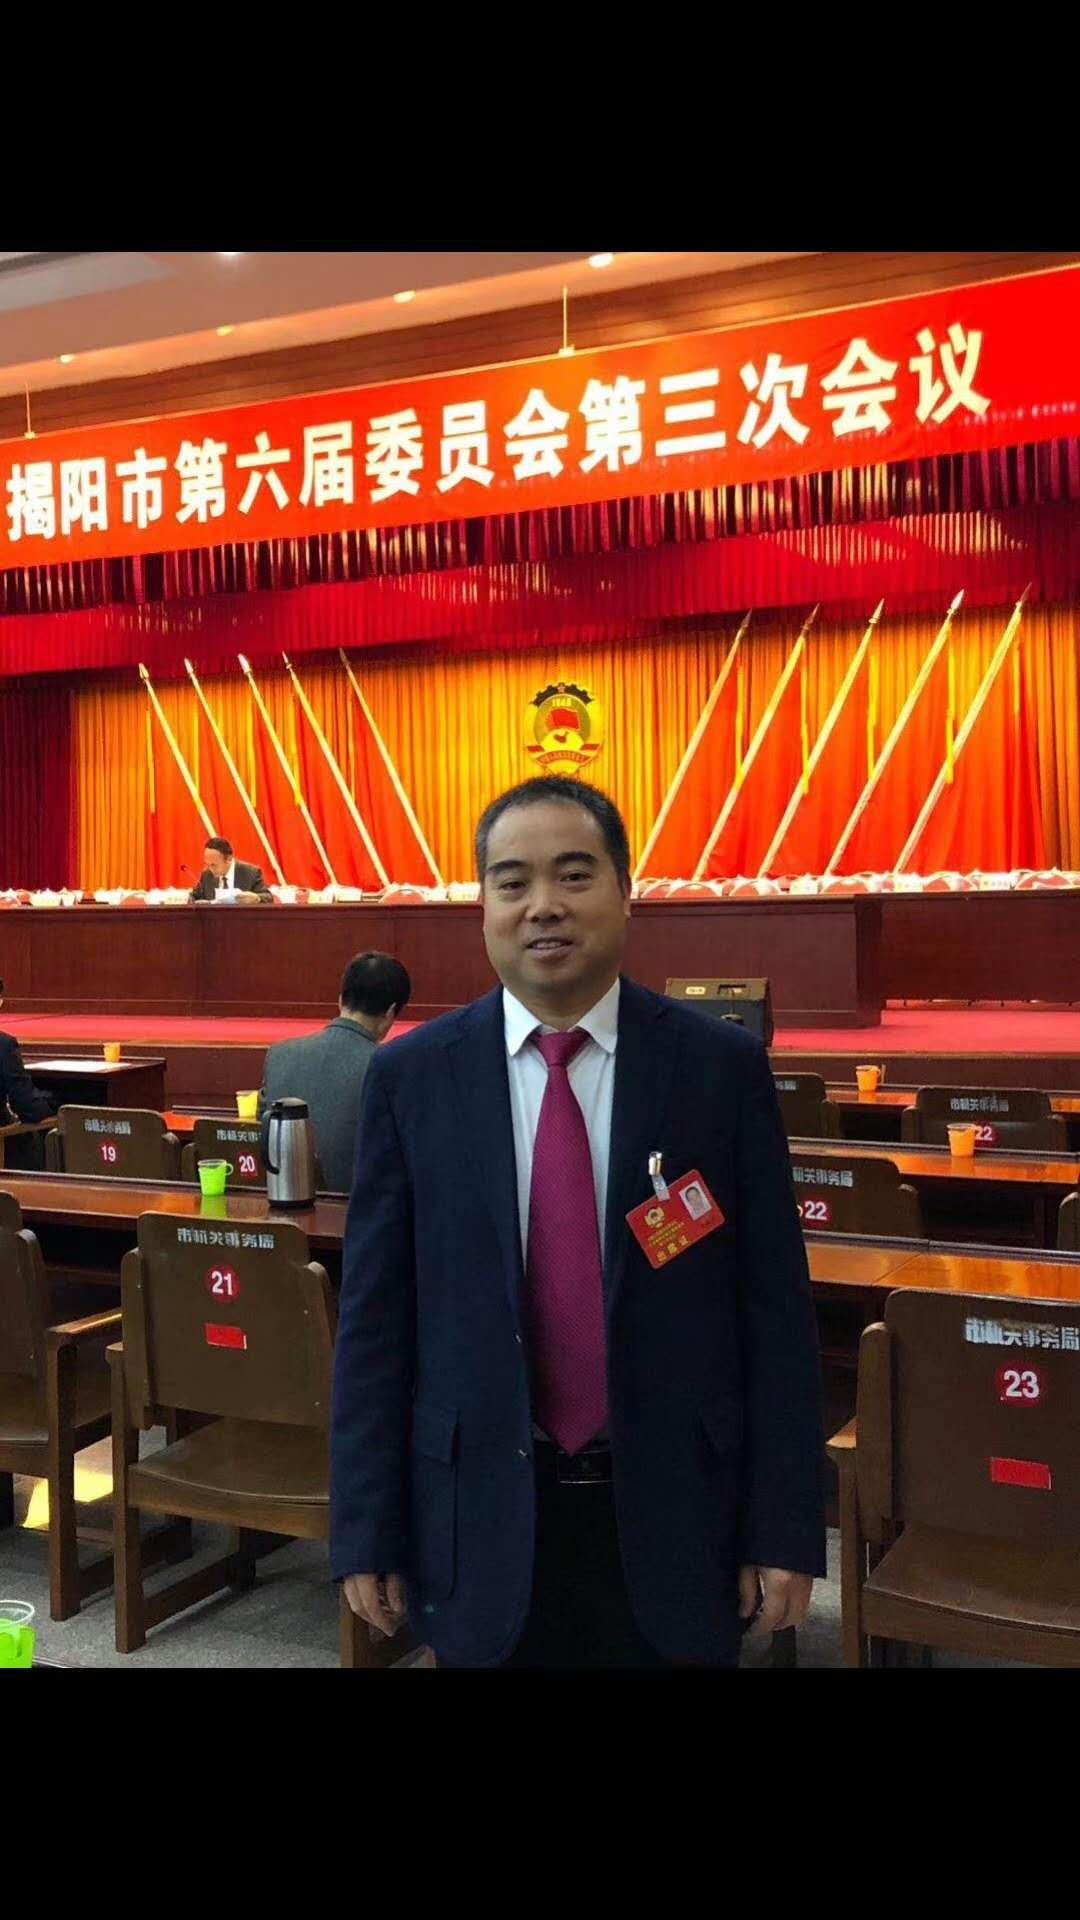 揭阳市榕城区东升雄兴红木厂董事长陈建方